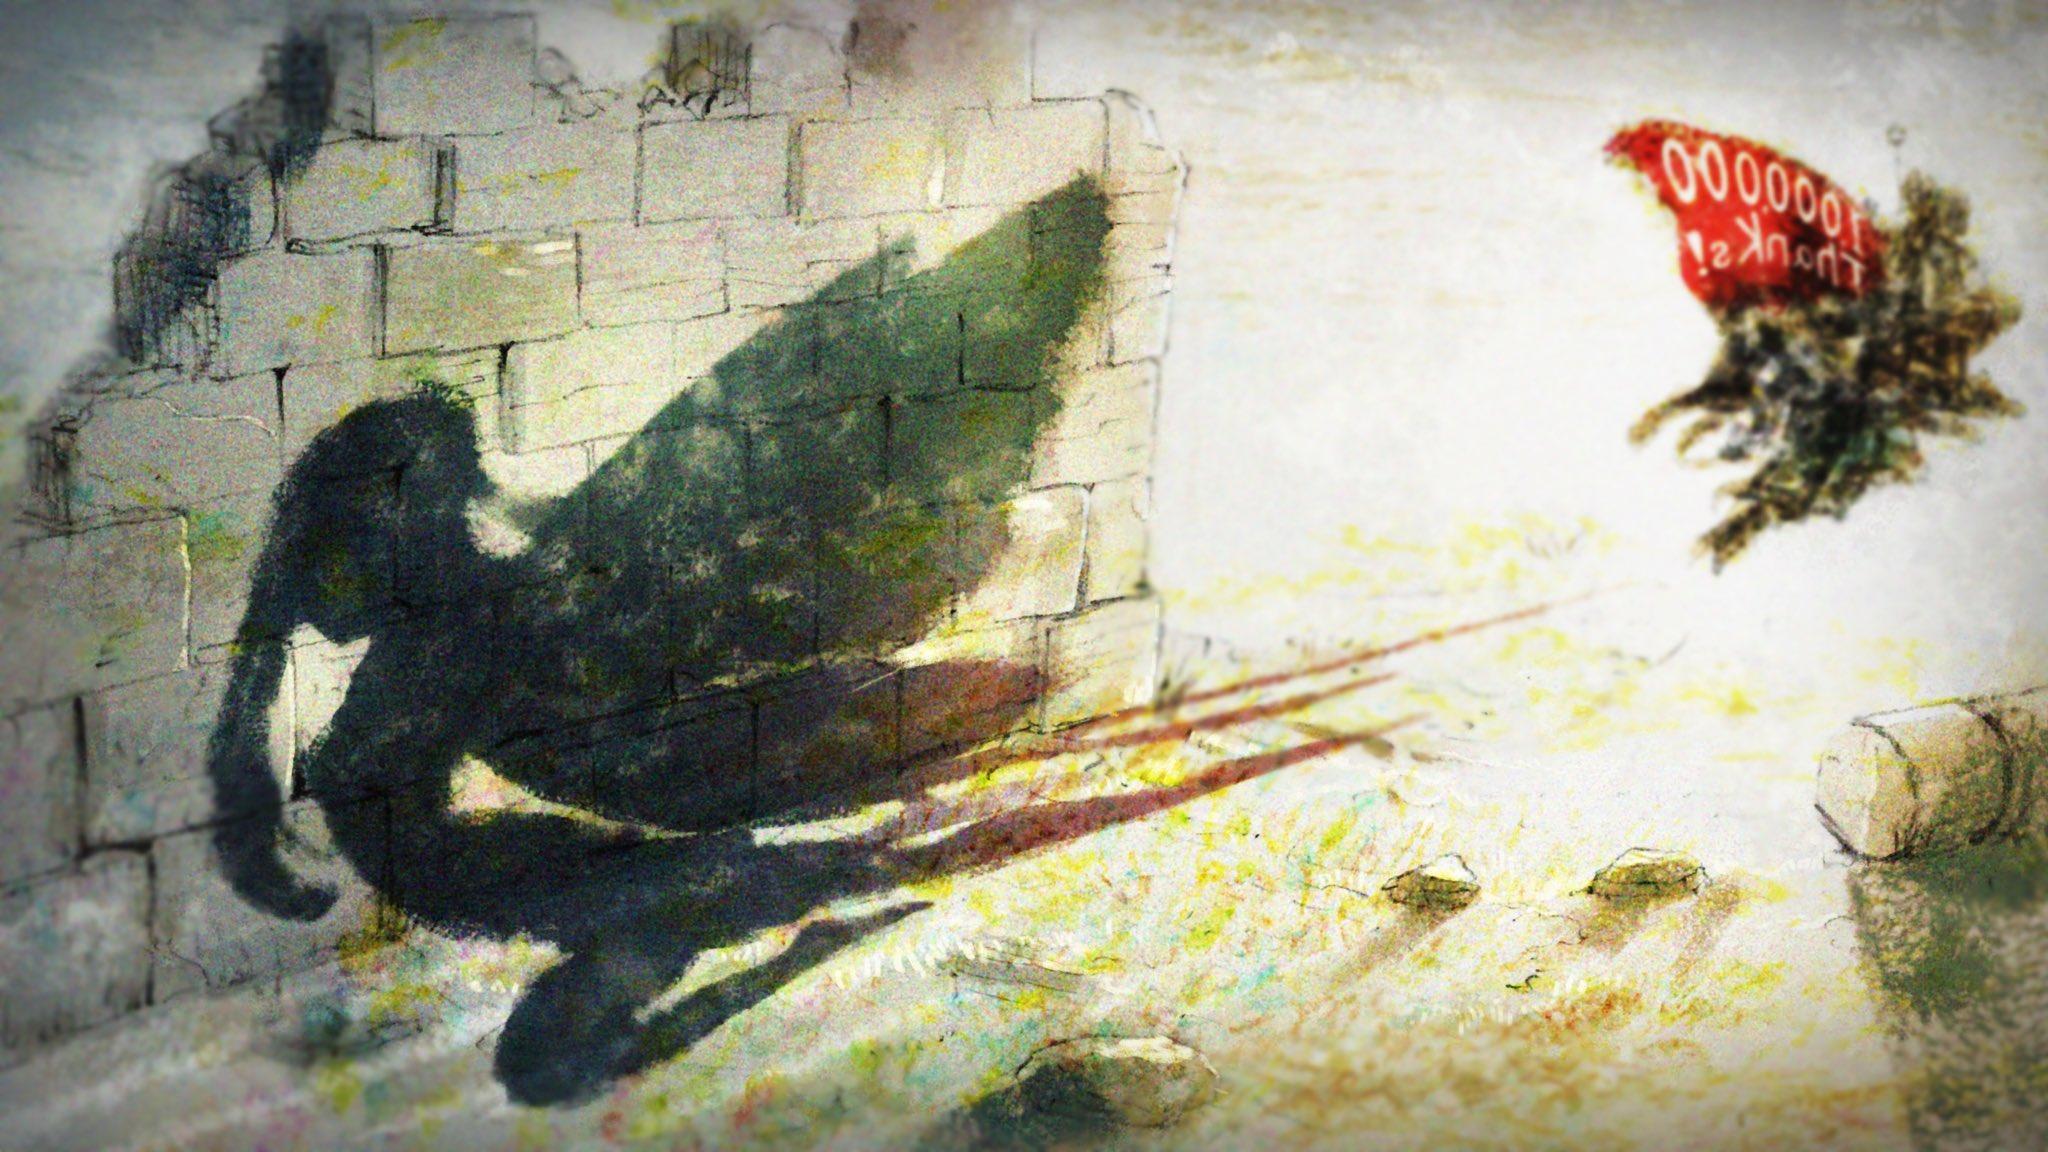 Bravely-Tease_08-06-18.jpg